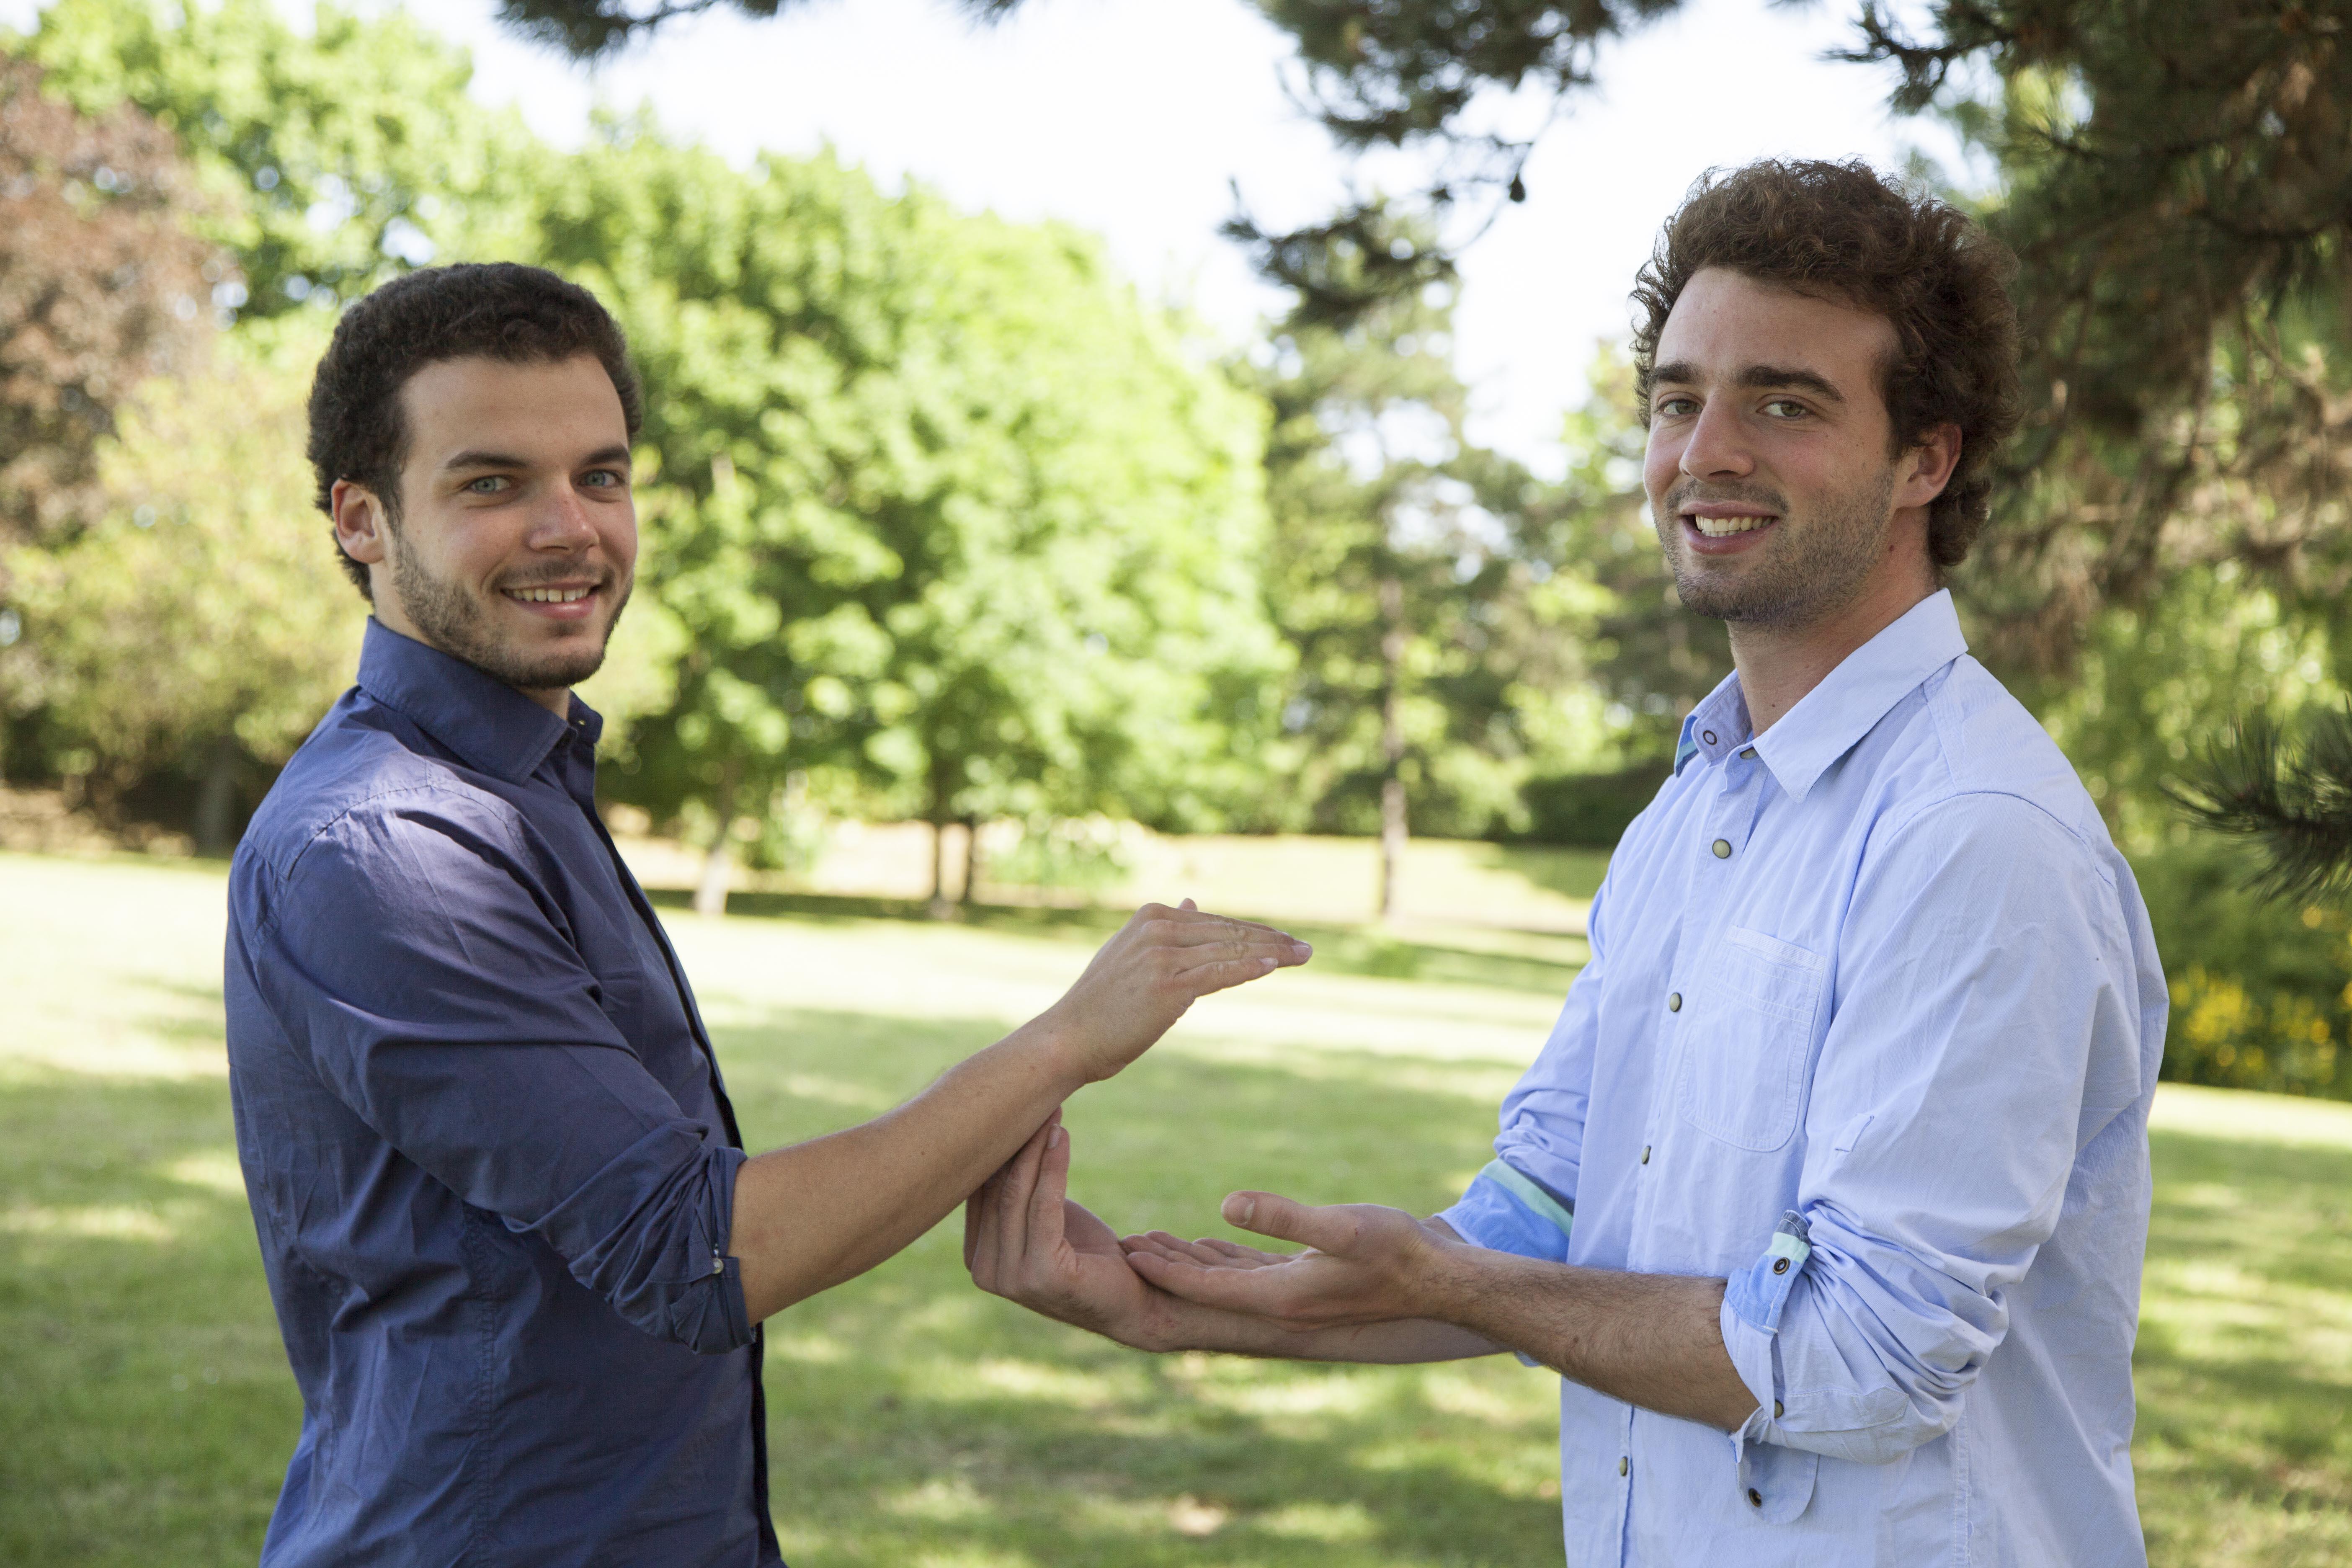 Projet d'étude de l'économie circulaire – Par deux étudiants de CentraleSupelec